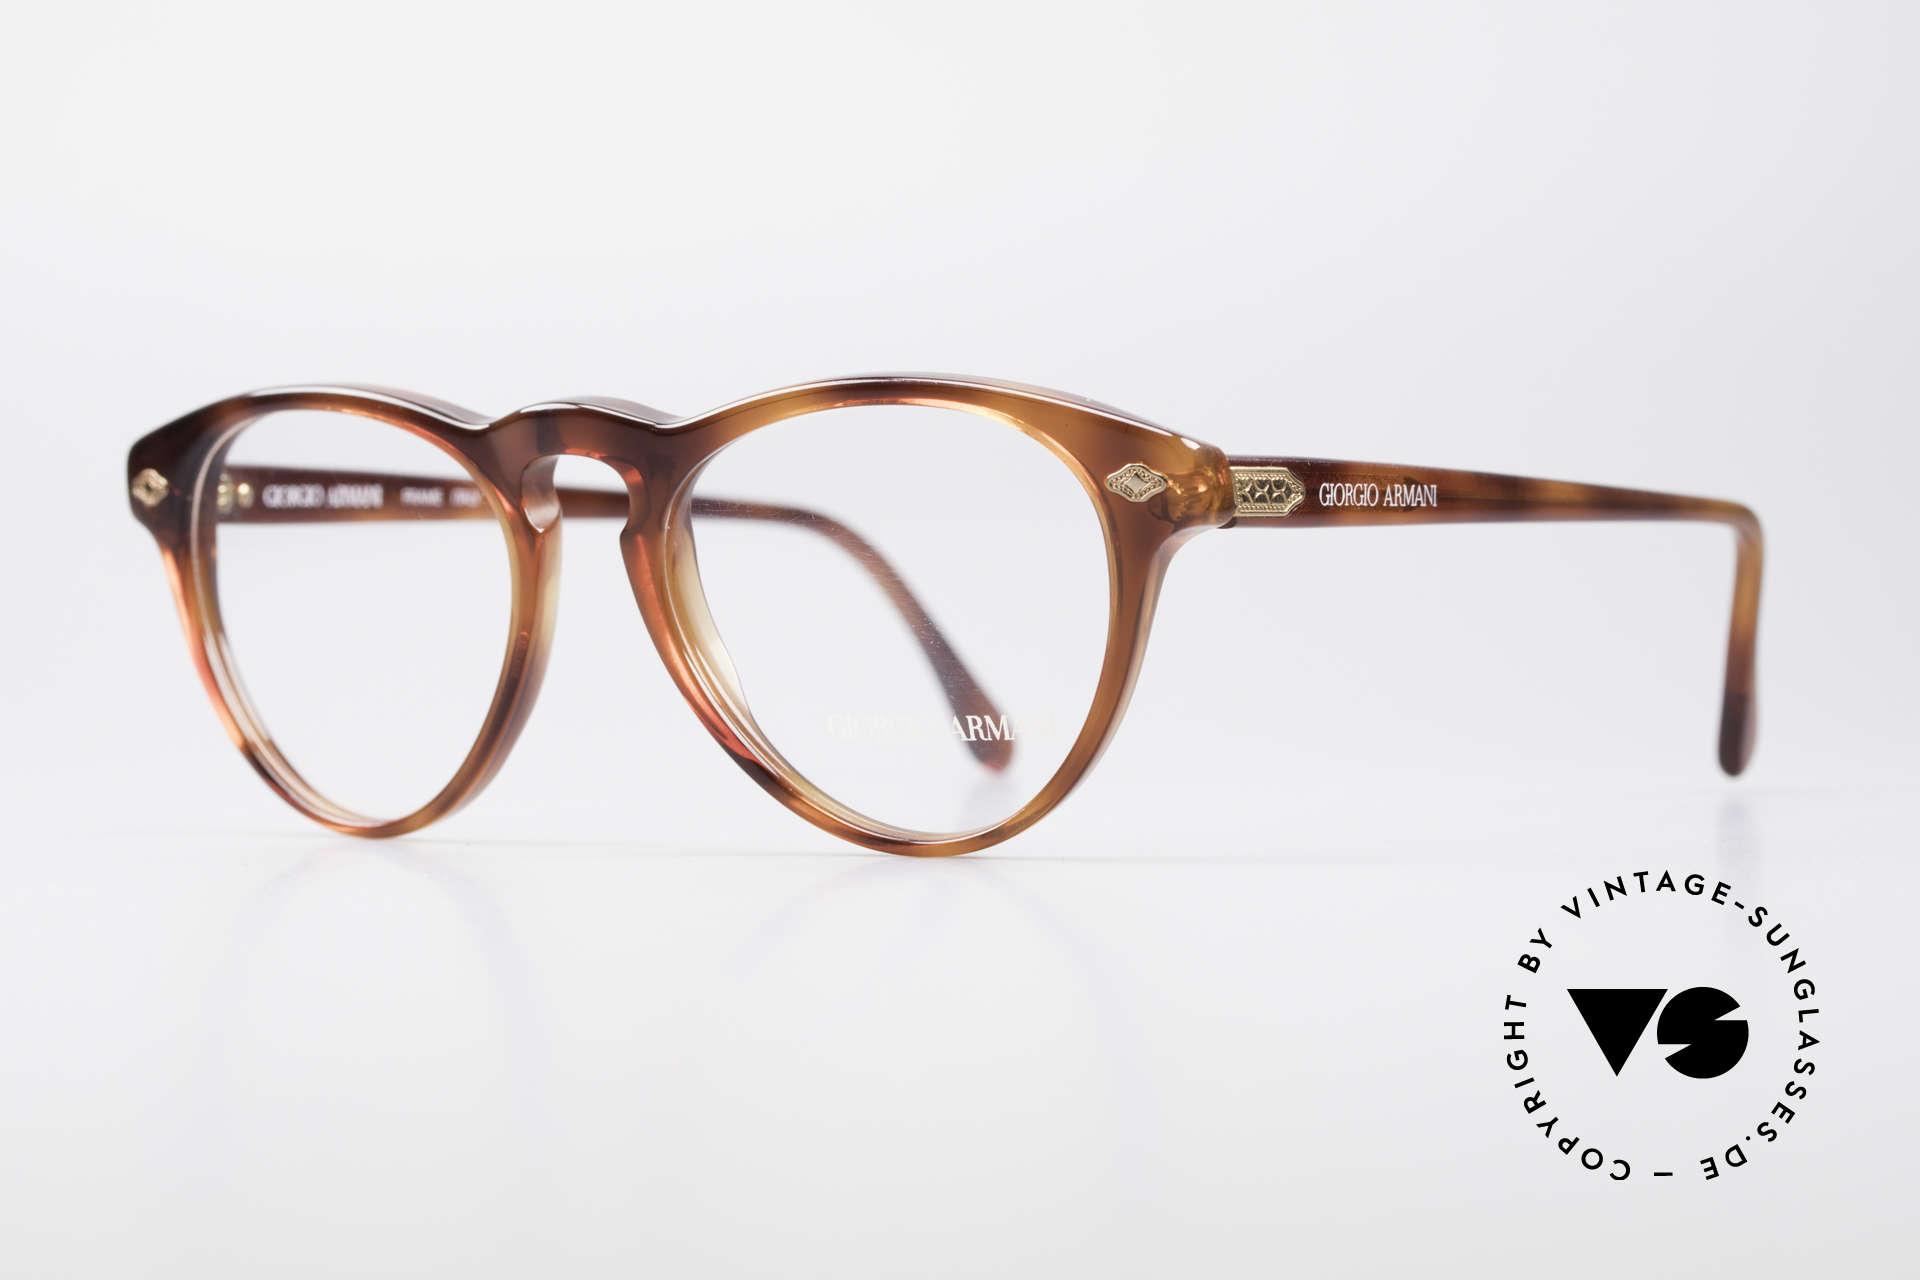 Giorgio Armani 418 ErdbeerForm Vintage Brille, Unisex-Modell in 'strawberry design' (Erdbeerform), Passend für Herren und Damen